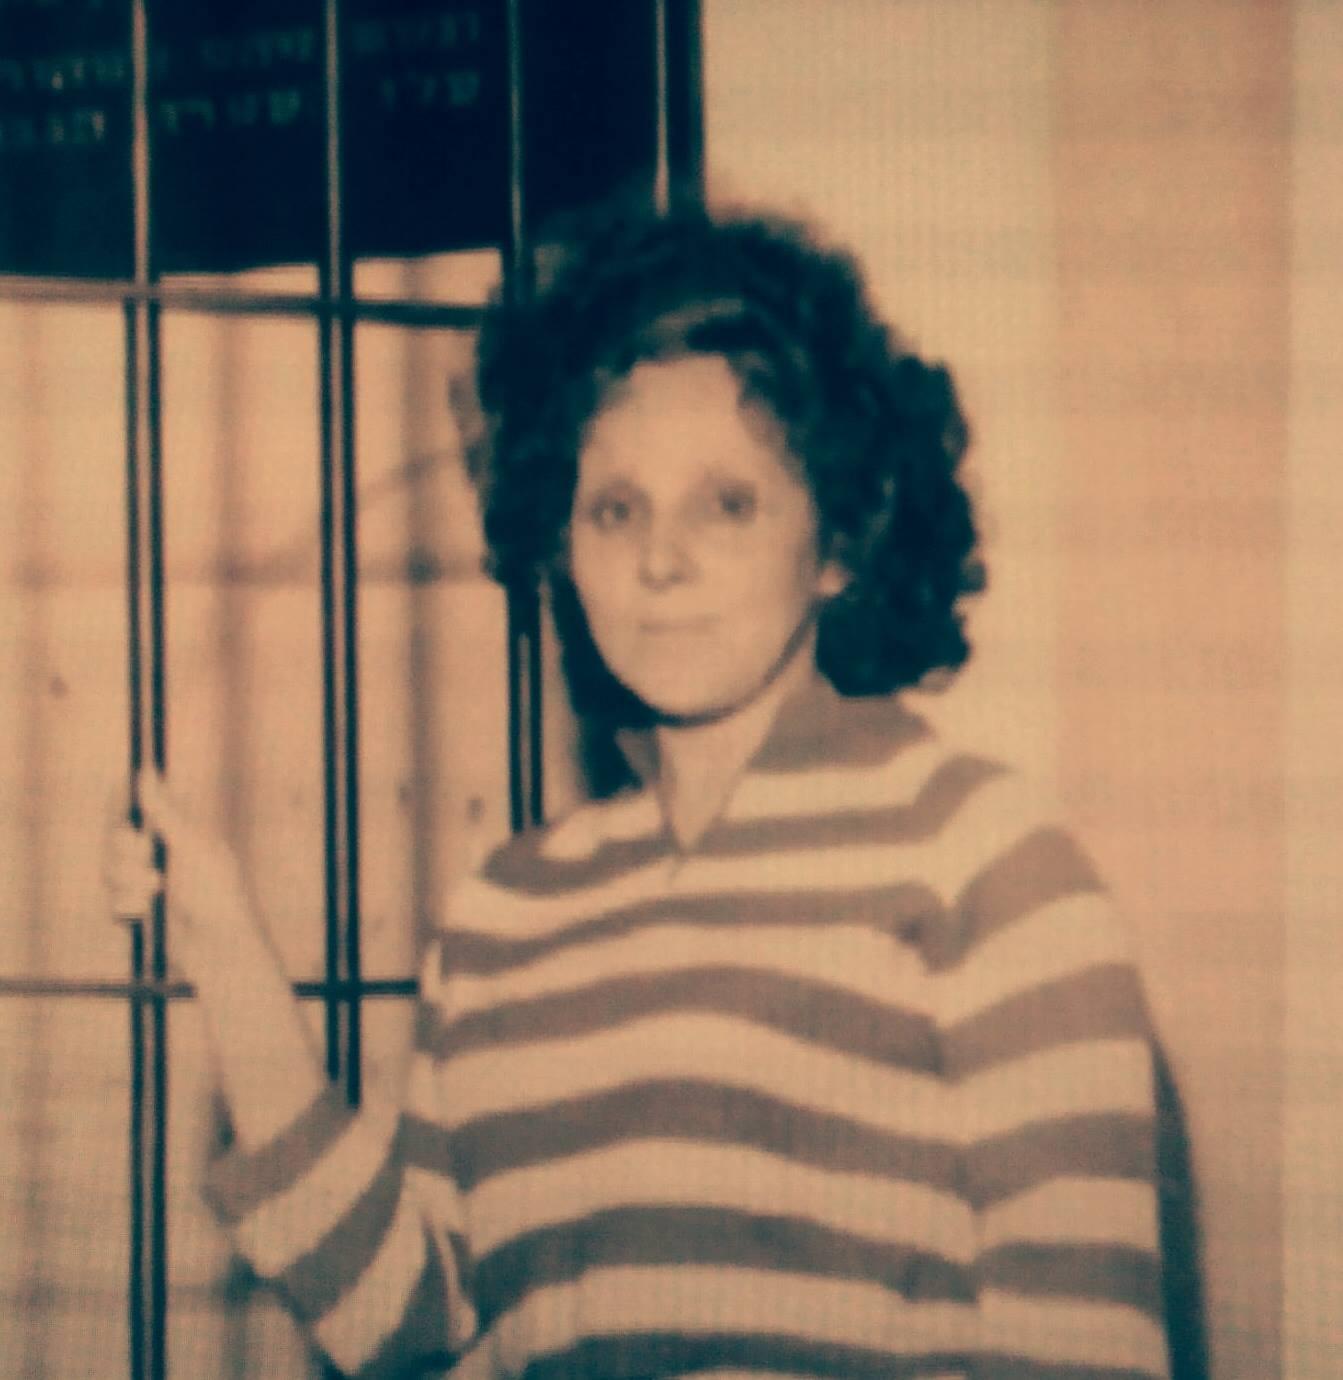 רחל (קרמר) רכטמן ליד תא הנידונים